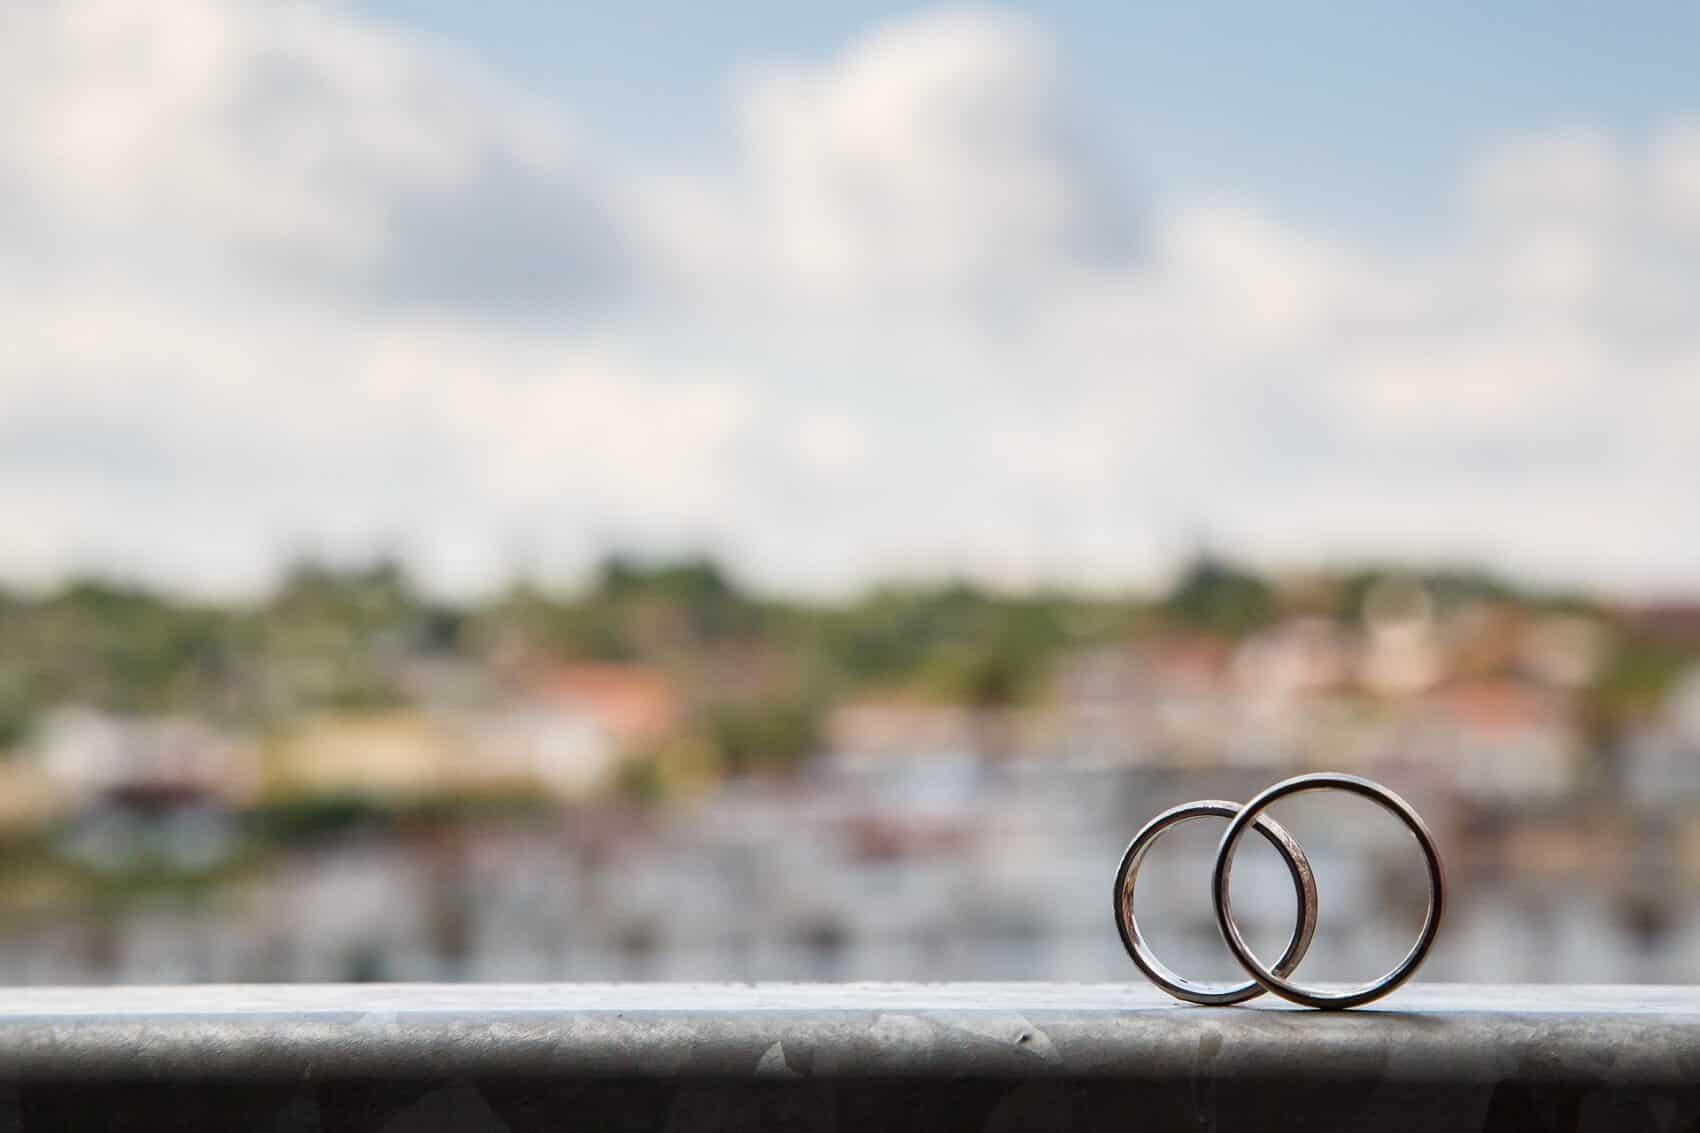 Fotograf Radek Vandra snubní prsteny